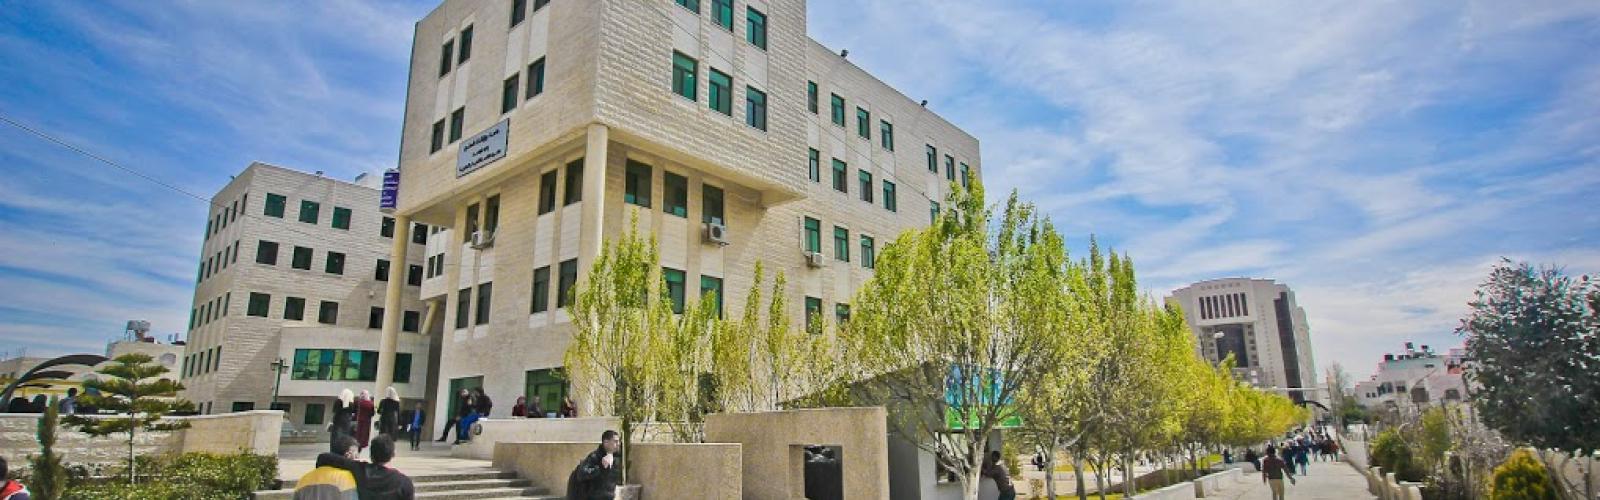 تأثير عسكرة جامعة بوليتكنك فلسطين على حرية الرأي